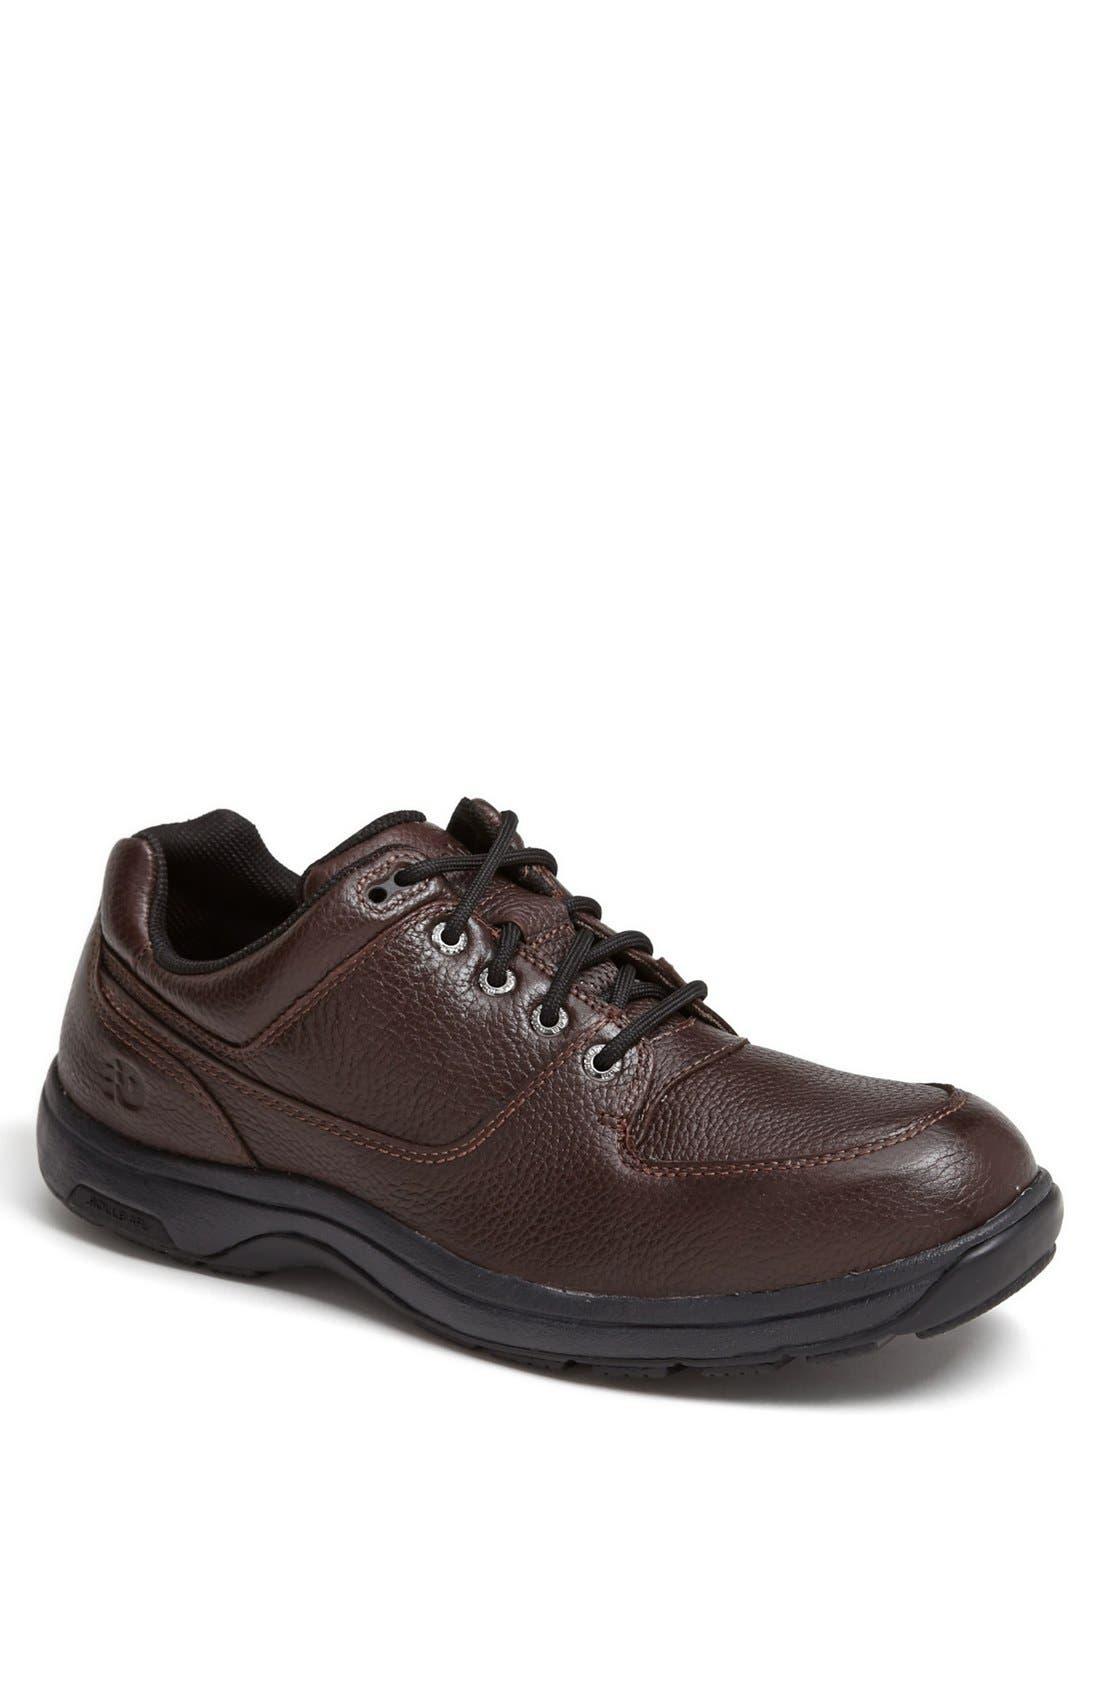 Alternate Image 1 Selected - Dunham 'Windsor' Sneaker